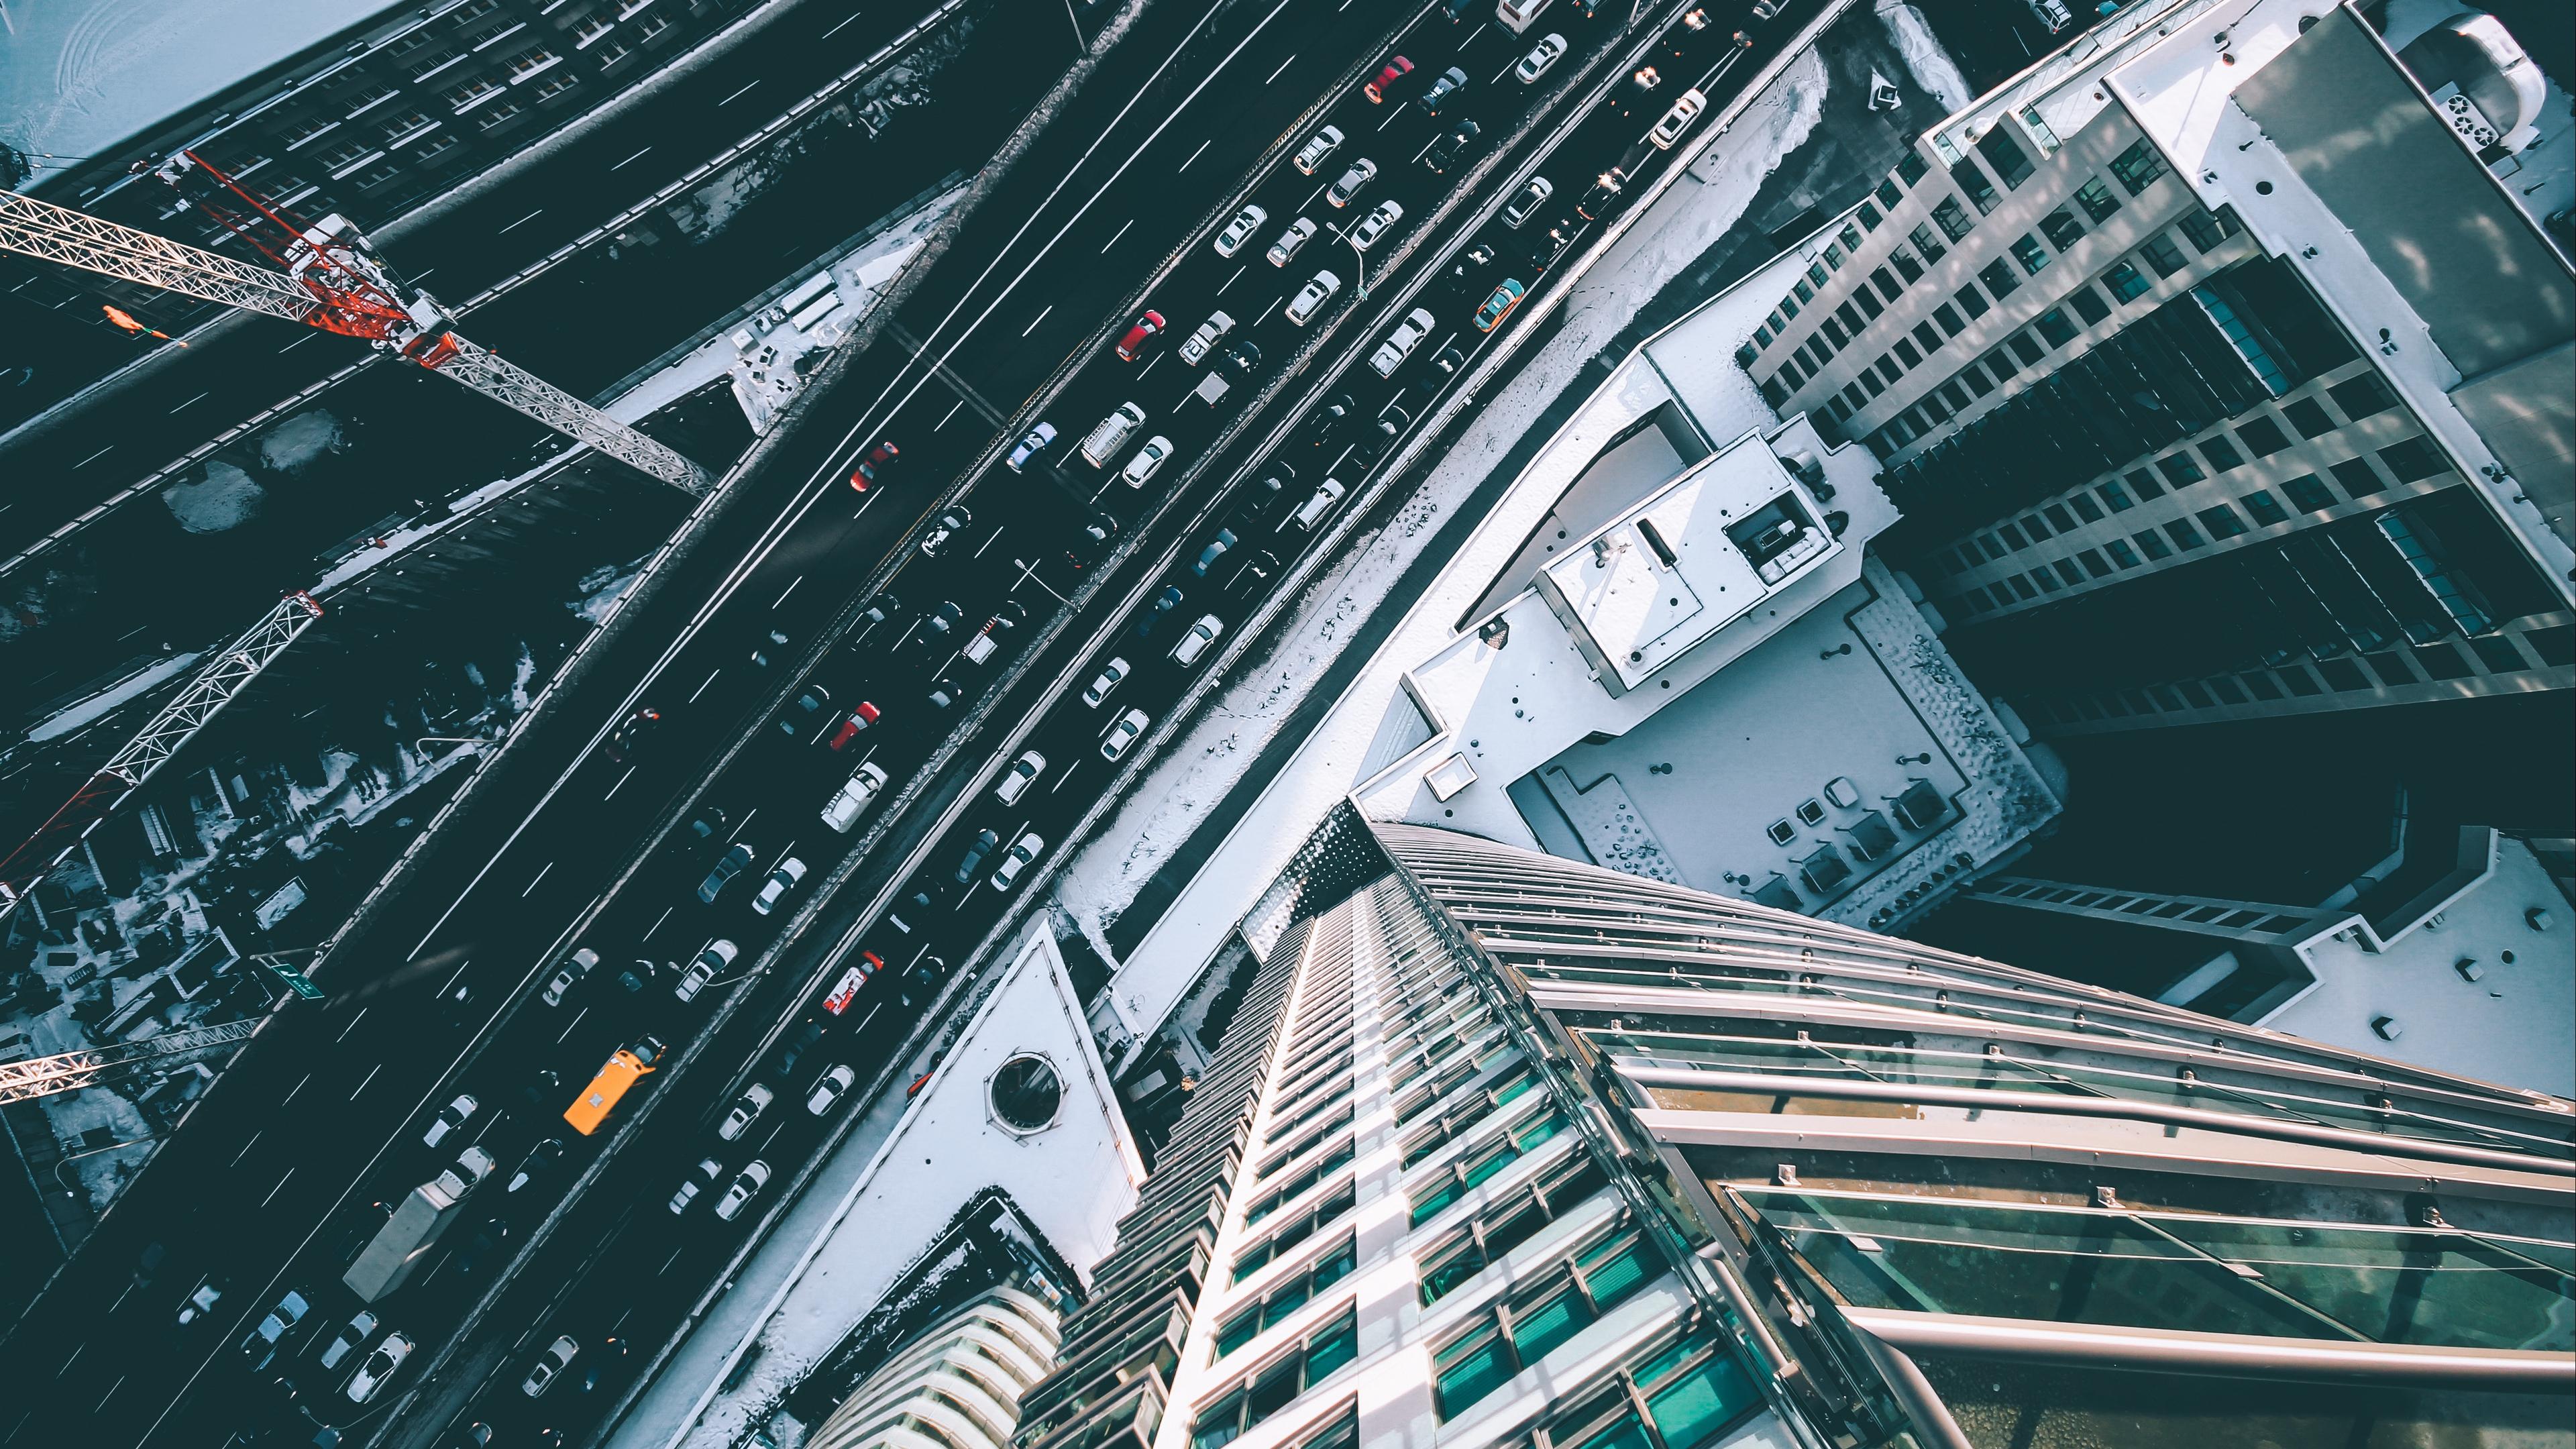 skyscrapers top view road traffic 4k 1538068193 - skyscrapers, top view, road, traffic 4k - top view, Skyscrapers, Road